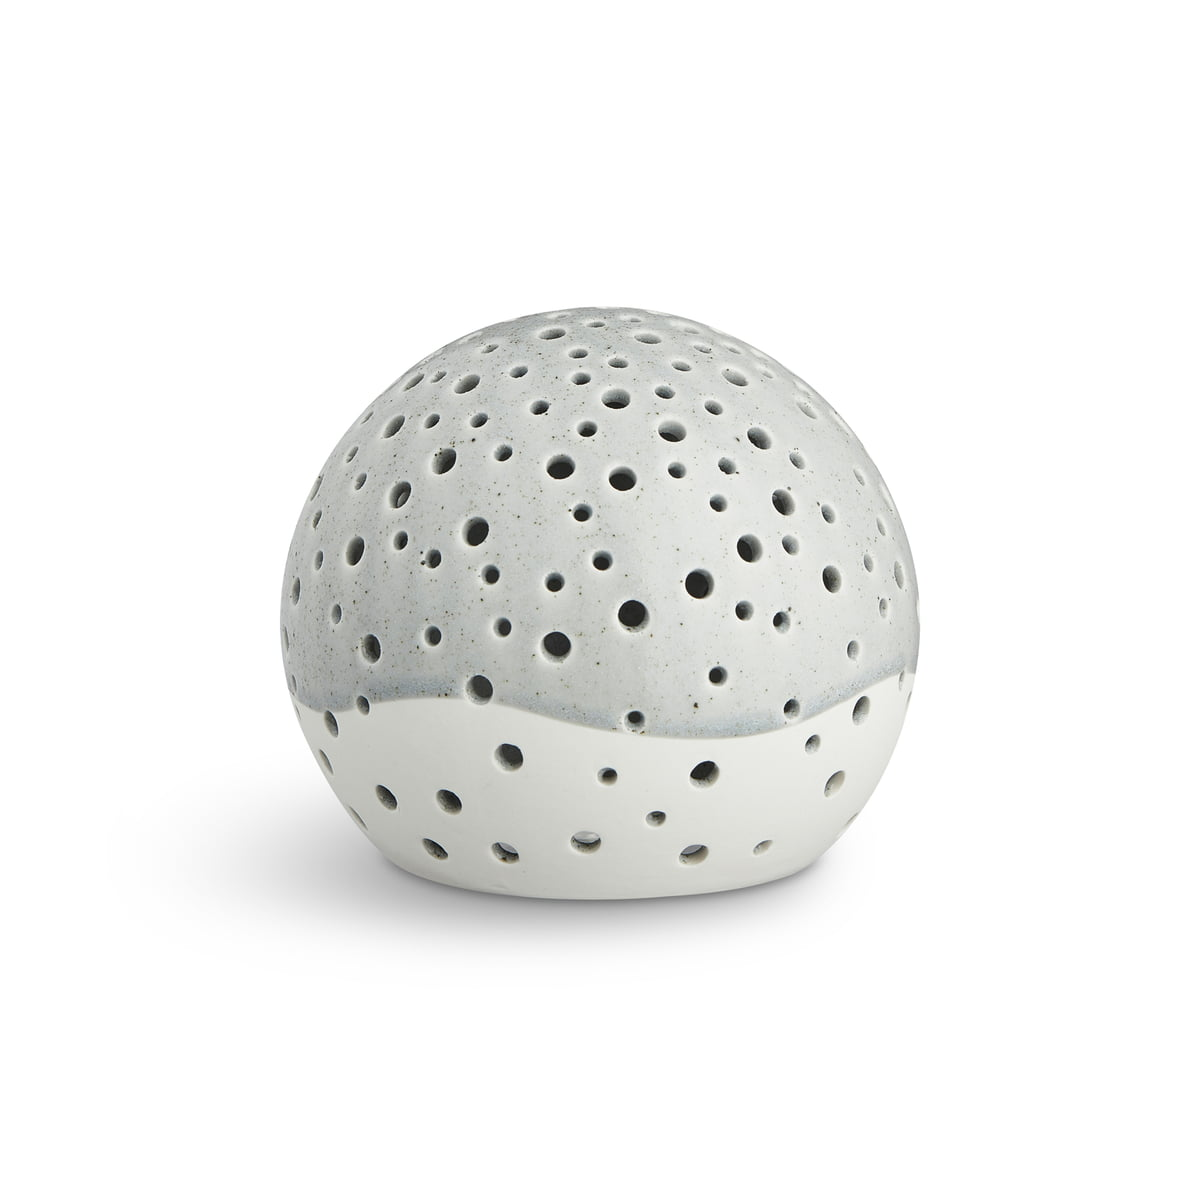 Kähler Design - Nobili Teelichtleuchter Kugel Ø 14 cm, grau | Dekoration > Kerzen und Kerzenständer > Teelichter | Grau | Keramik | Kähler Design